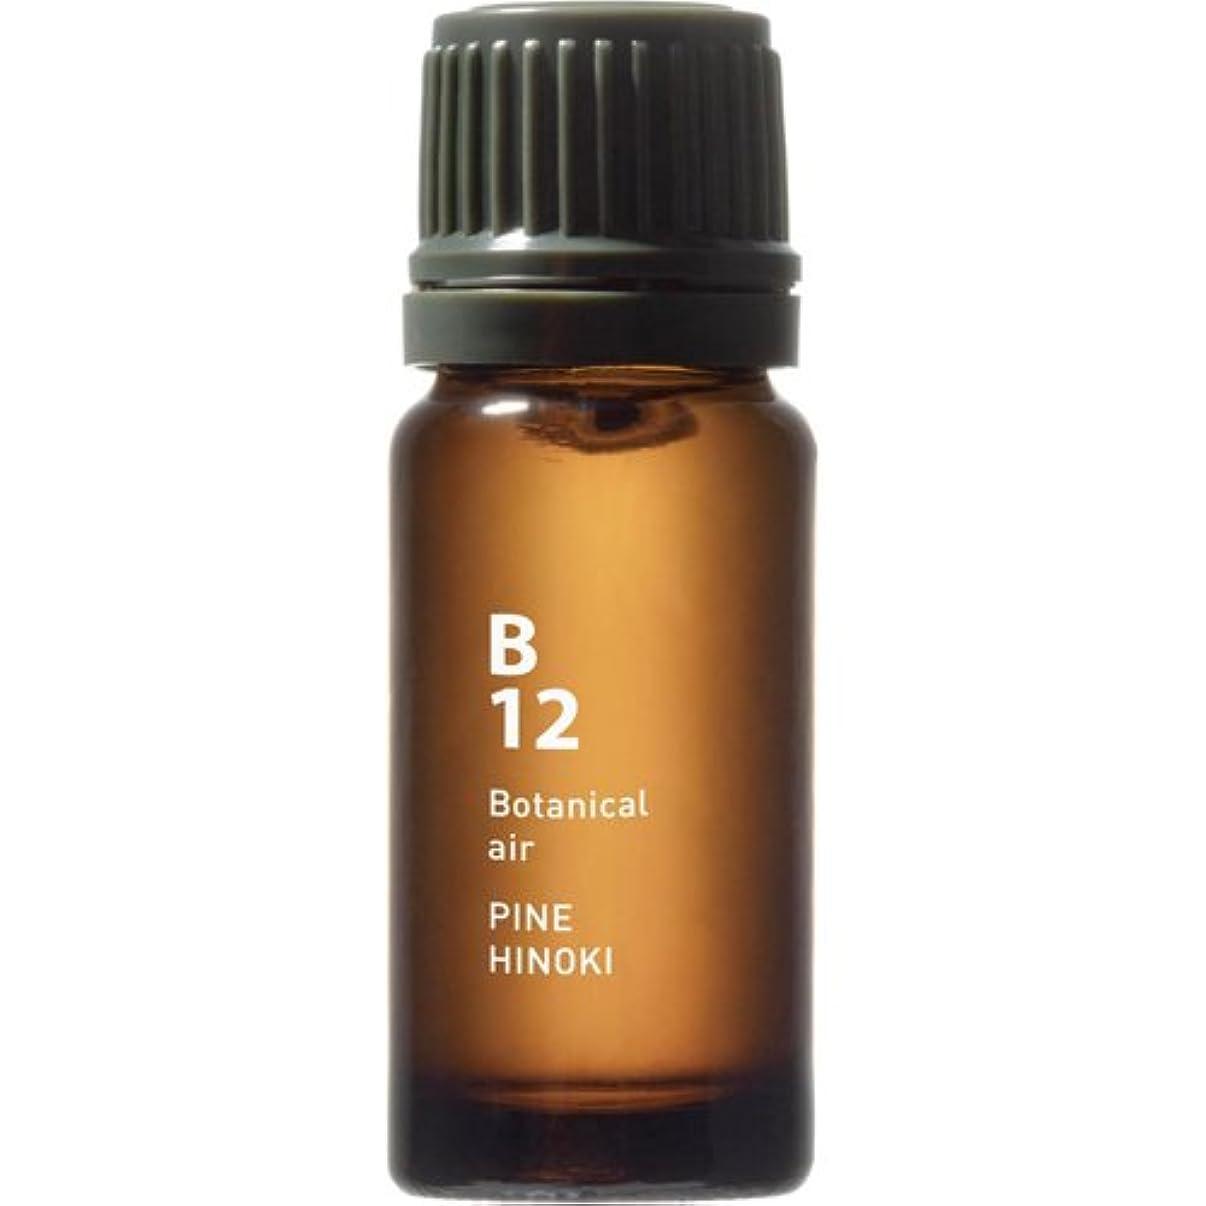 回転する微生物接続されたB12 パインヒノキ Botanical air(ボタニカルエアー) 10ml